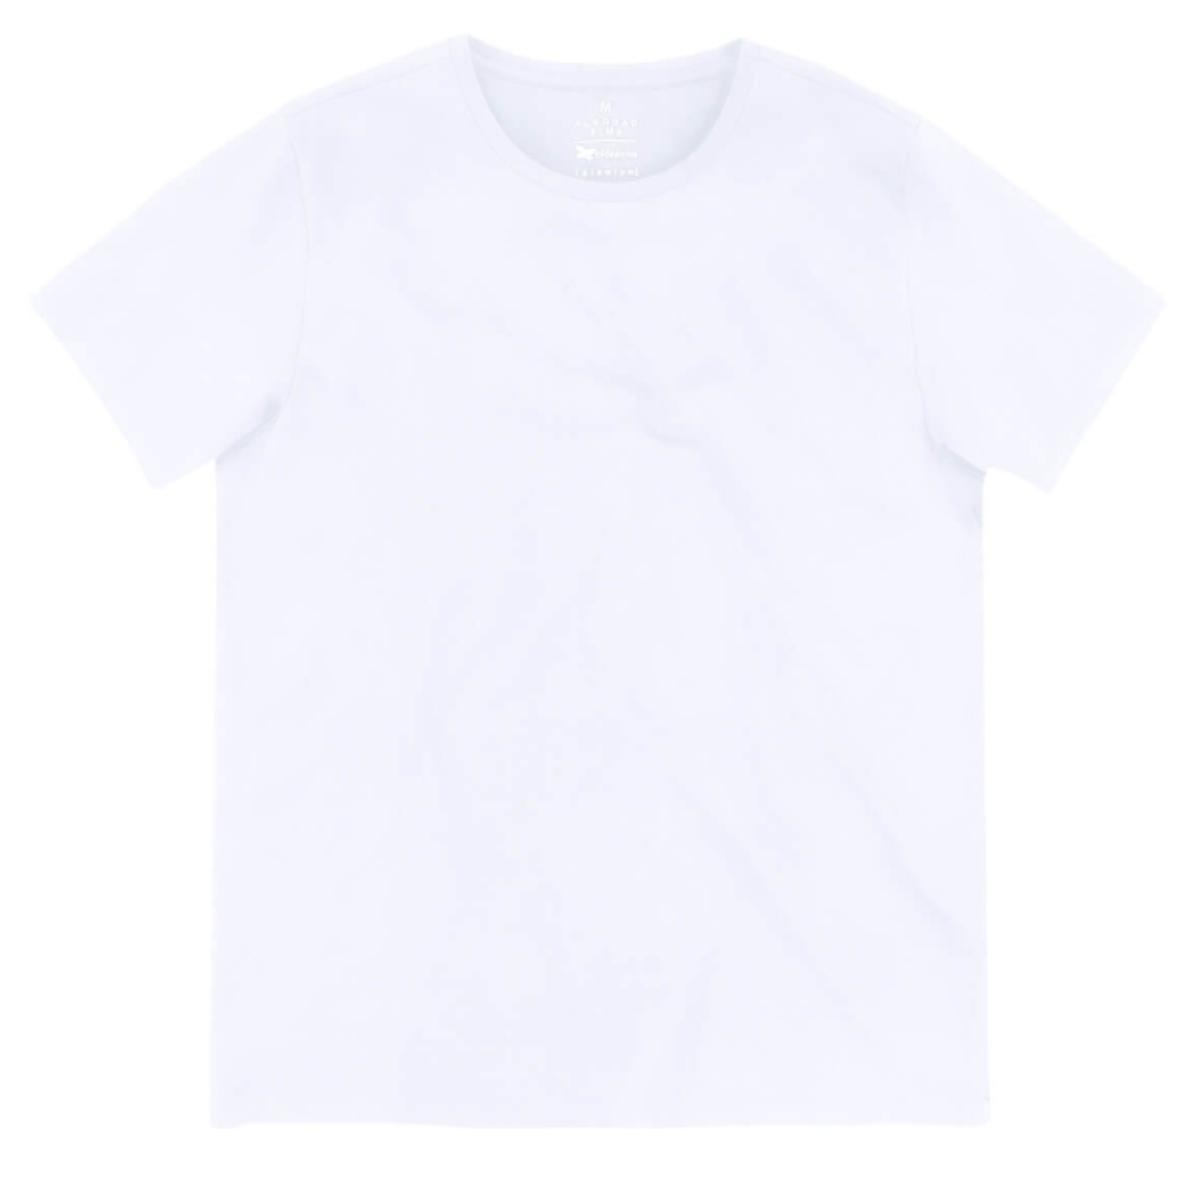 Camiseta Masculina Hering Kg99 N0asi Branco